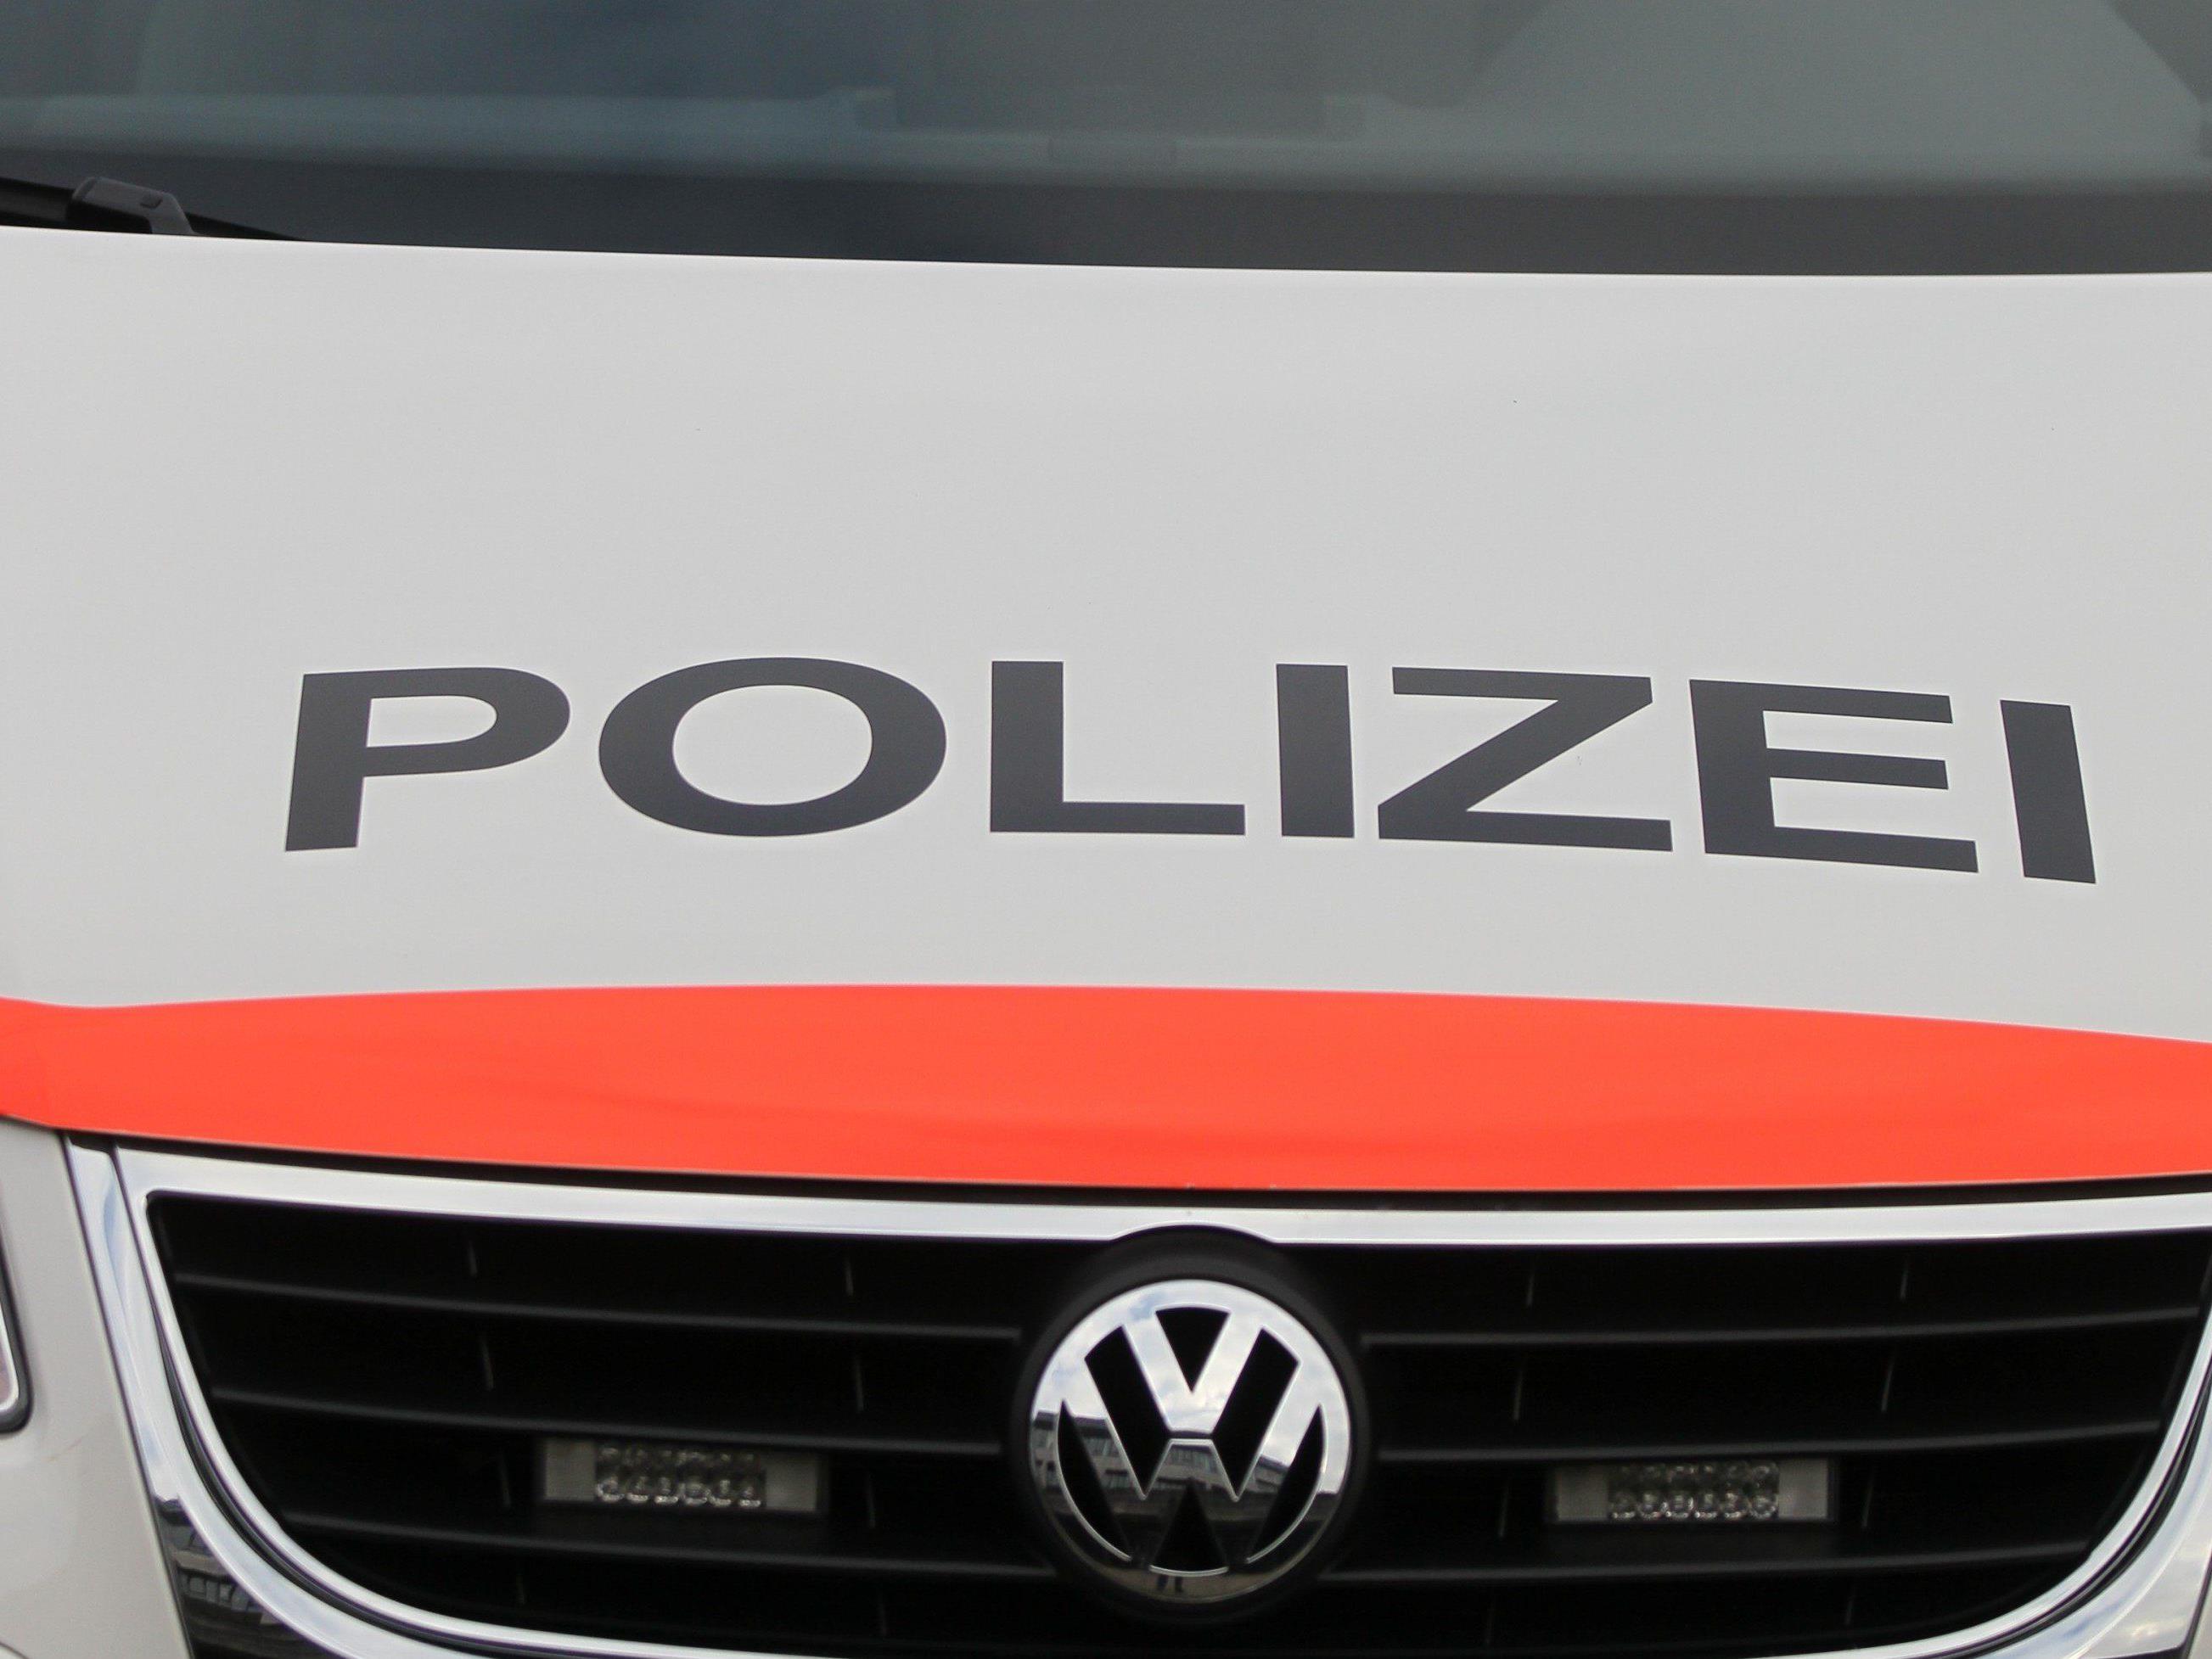 Schweizer Polizist wegen jahrelangem Falschparkens kurz vor der Pension entlassen.